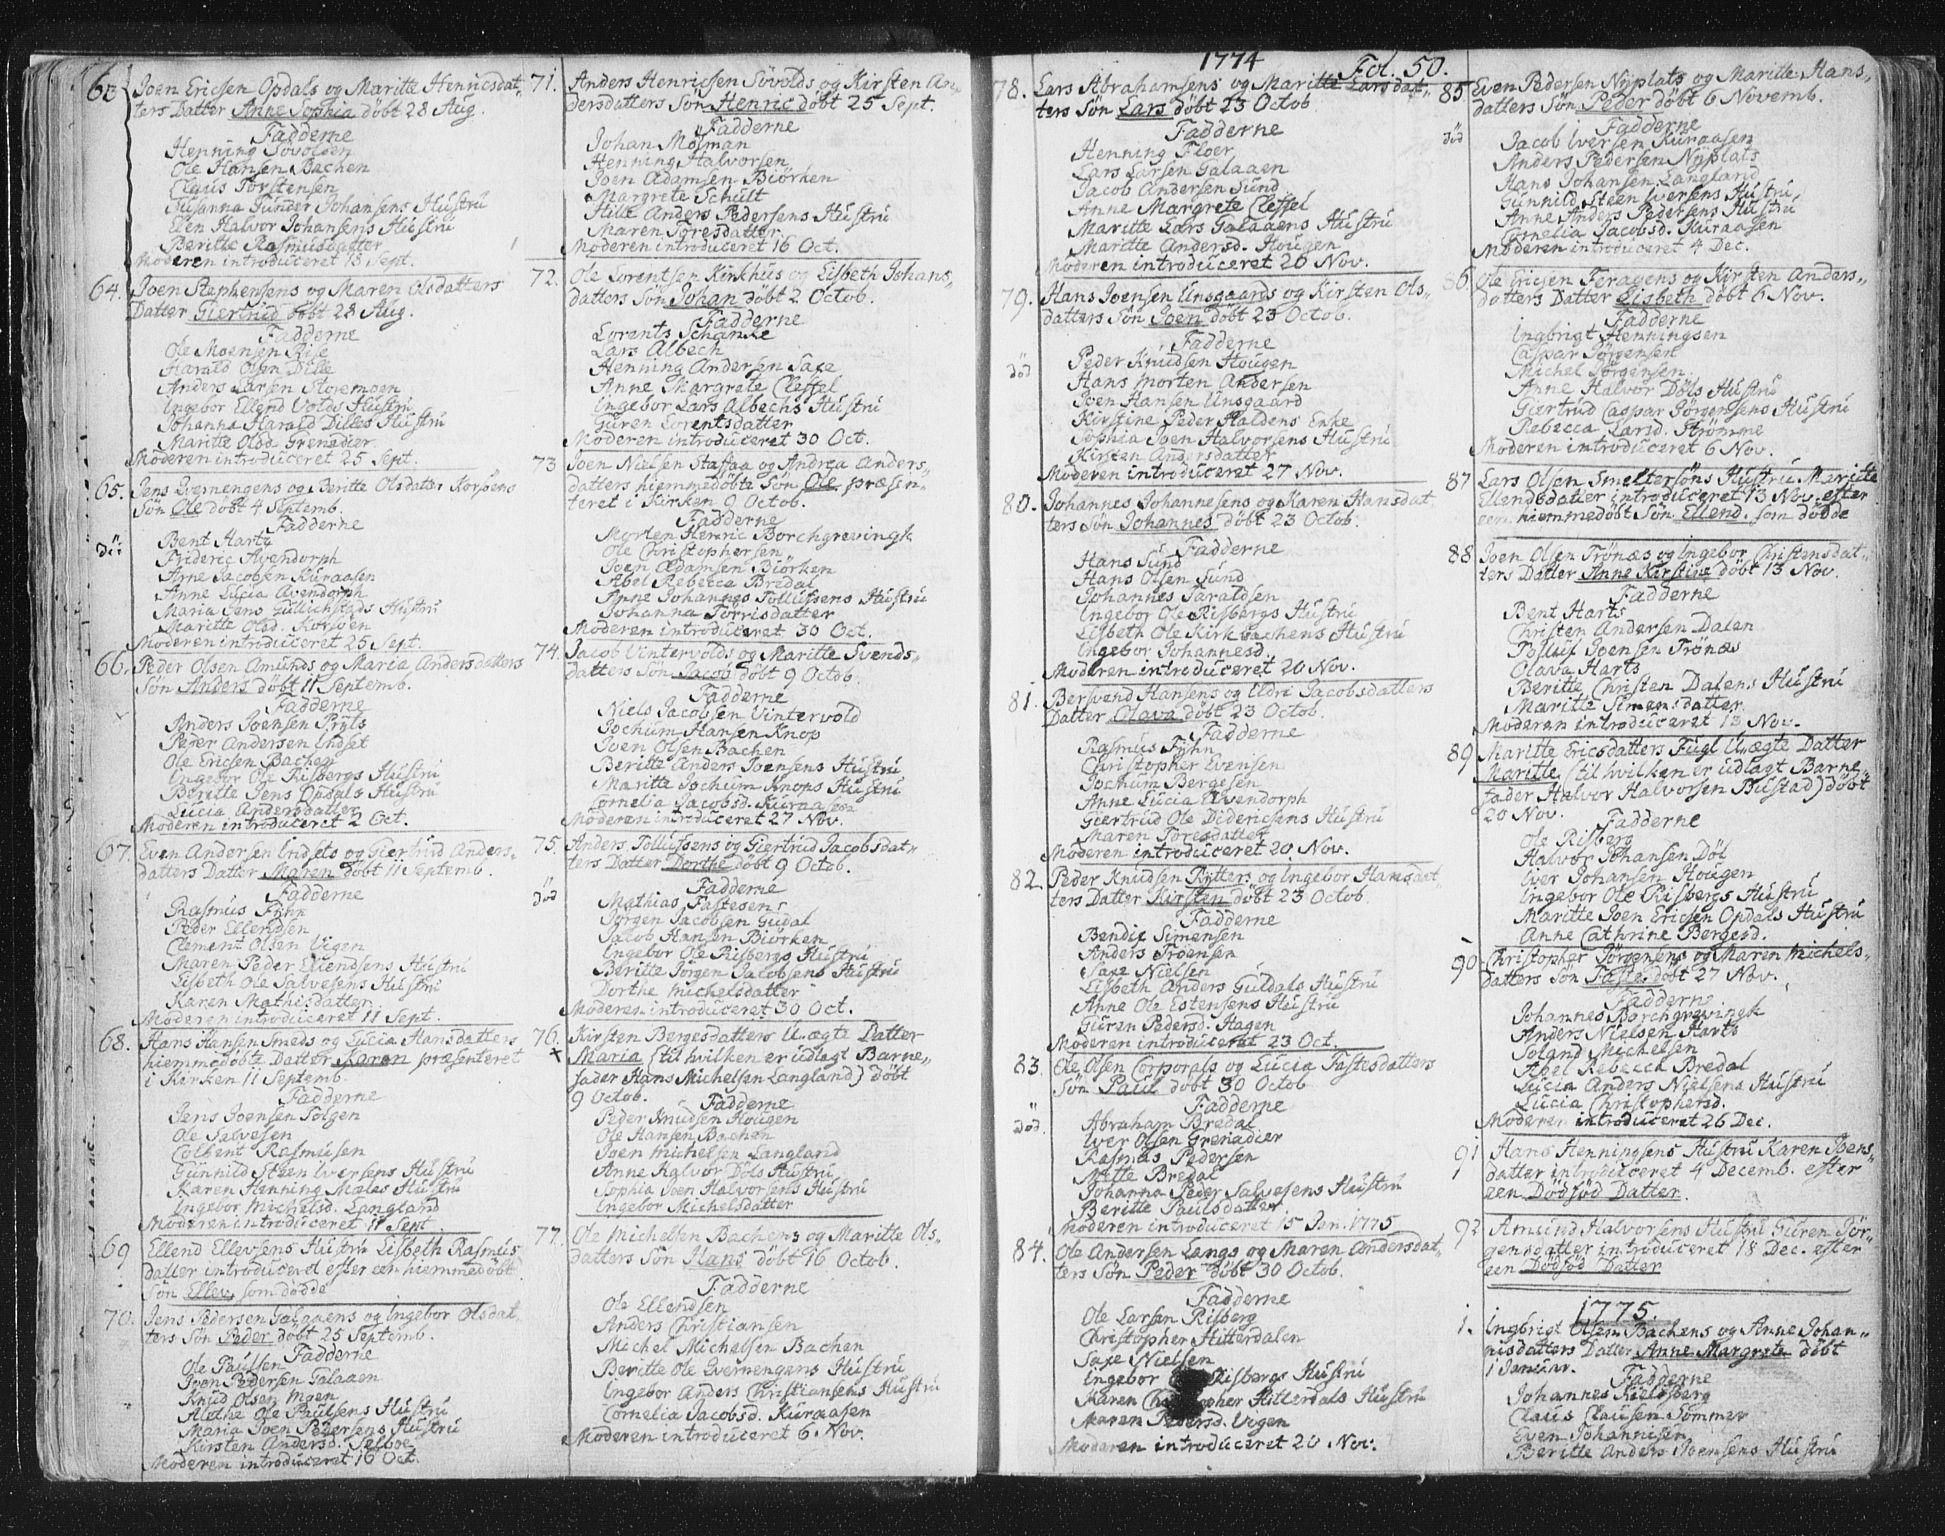 SAT, Ministerialprotokoller, klokkerbøker og fødselsregistre - Sør-Trøndelag, 681/L0926: Ministerialbok nr. 681A04, 1767-1797, s. 50